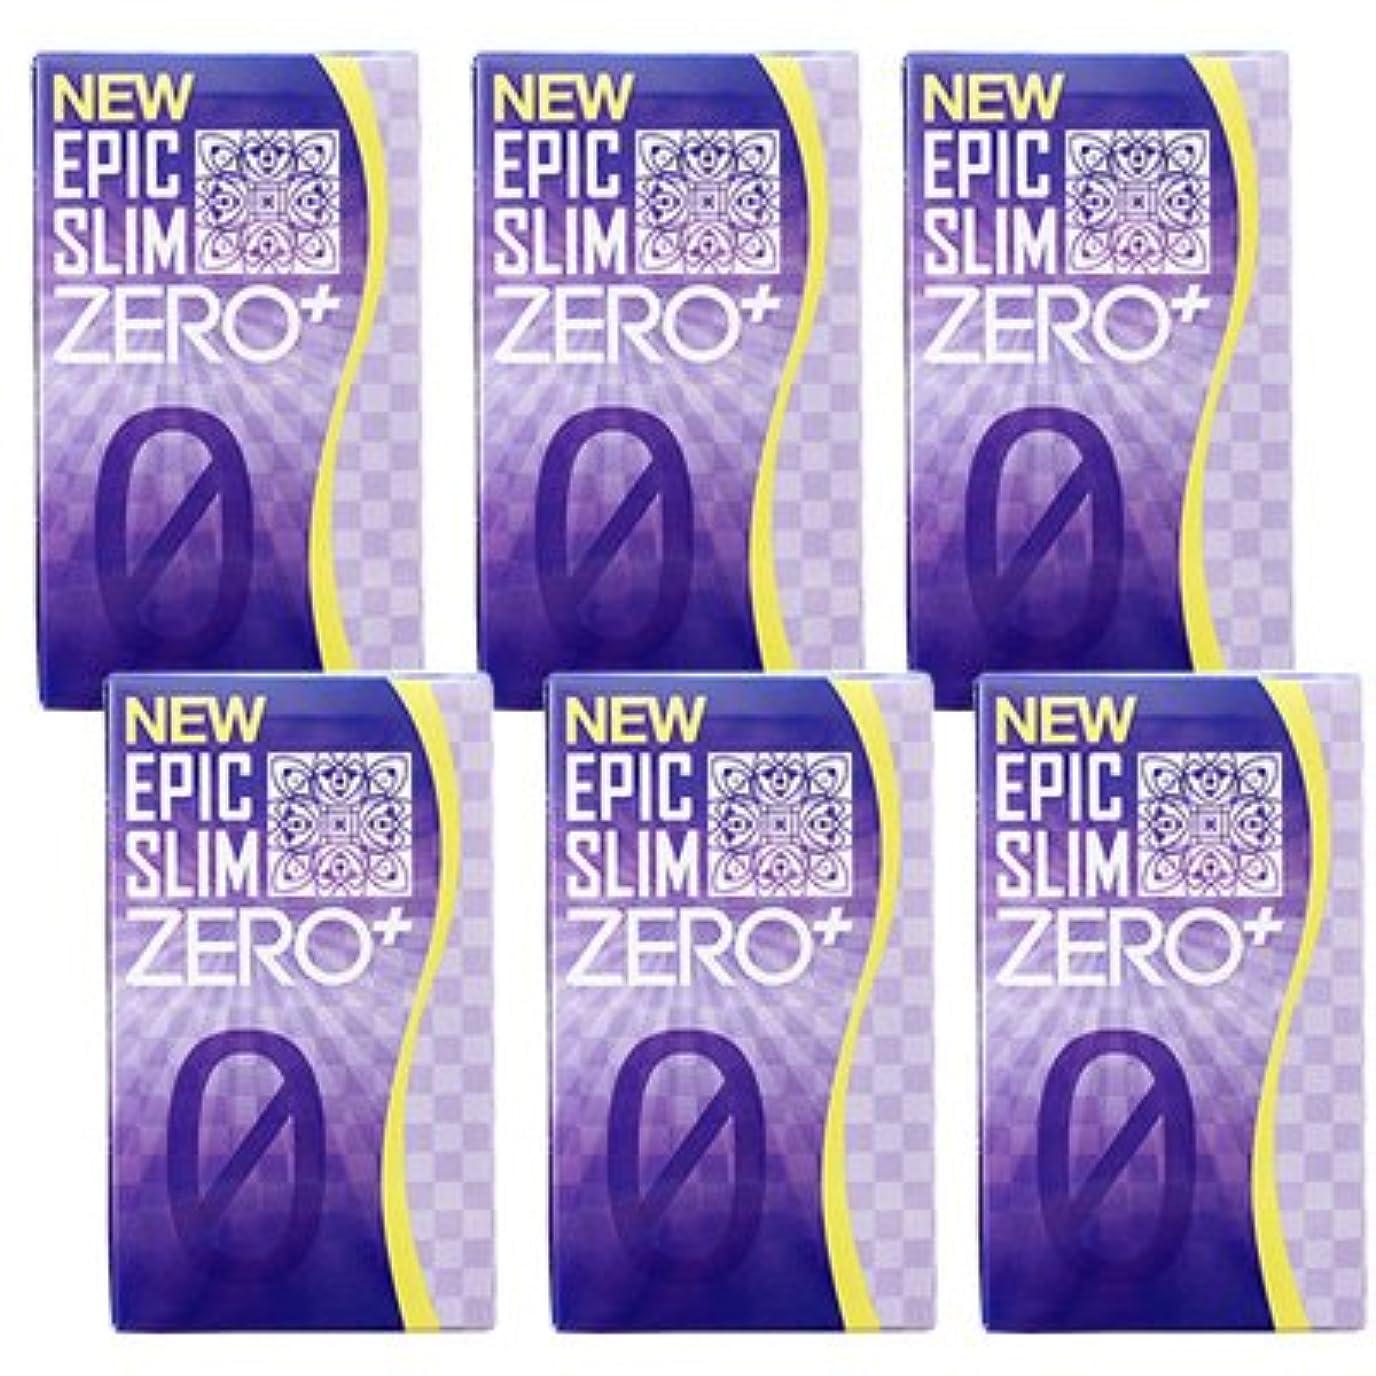 で巻き戻す激怒NEW エピックスリム ゼロ+ 6個セット NEW Epic Slim ZERO PLUS